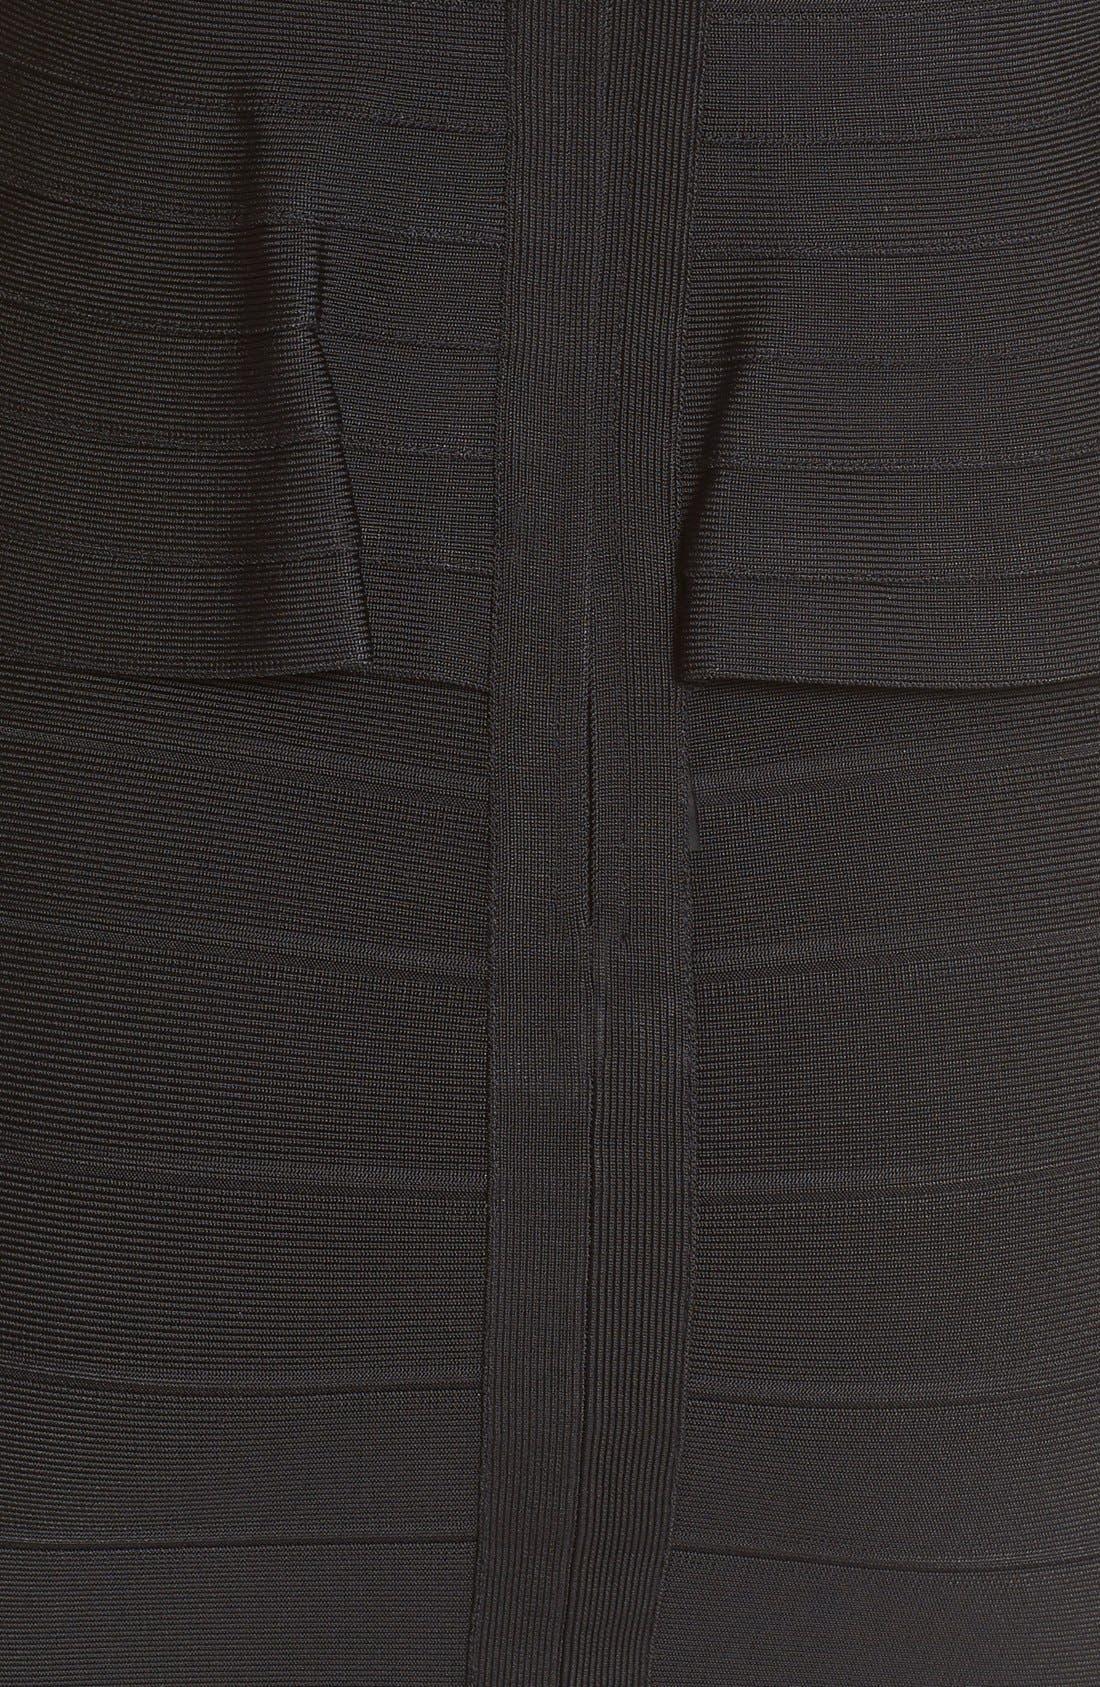 Alternate Image 3  - Herve Leger Sleeveless V-Neck Peplum Dress